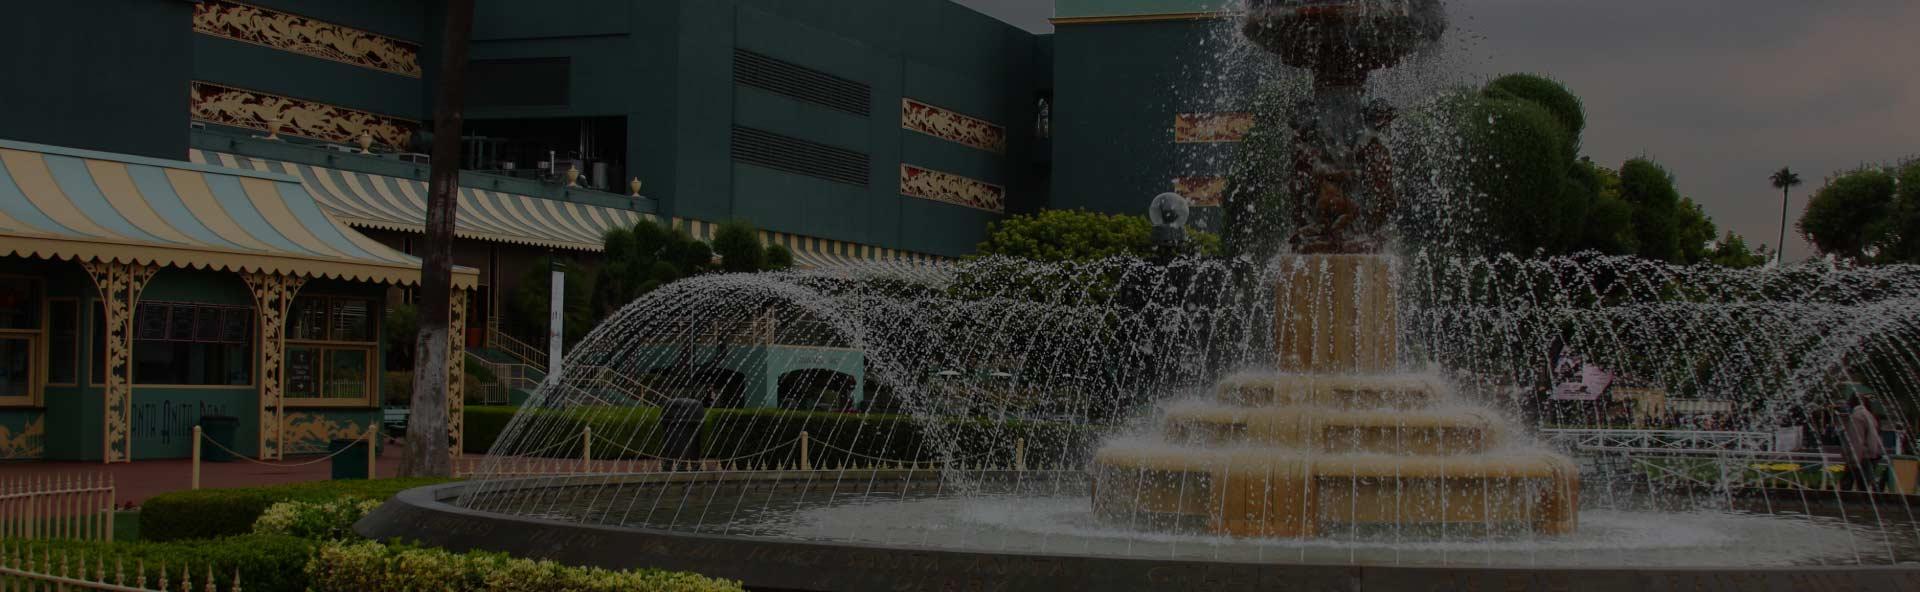 NAHREP LA-San Gabriel Valley can help YOU build your business